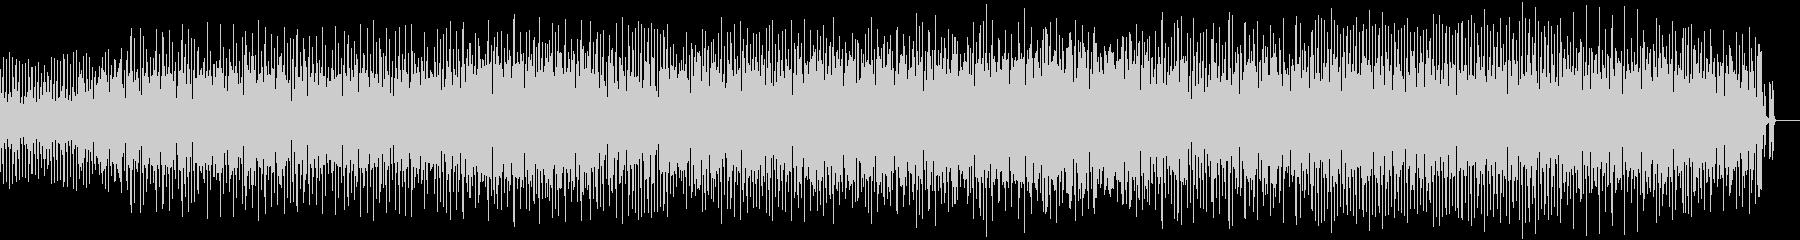 秒針音サンプリングテクノトラック420!の未再生の波形